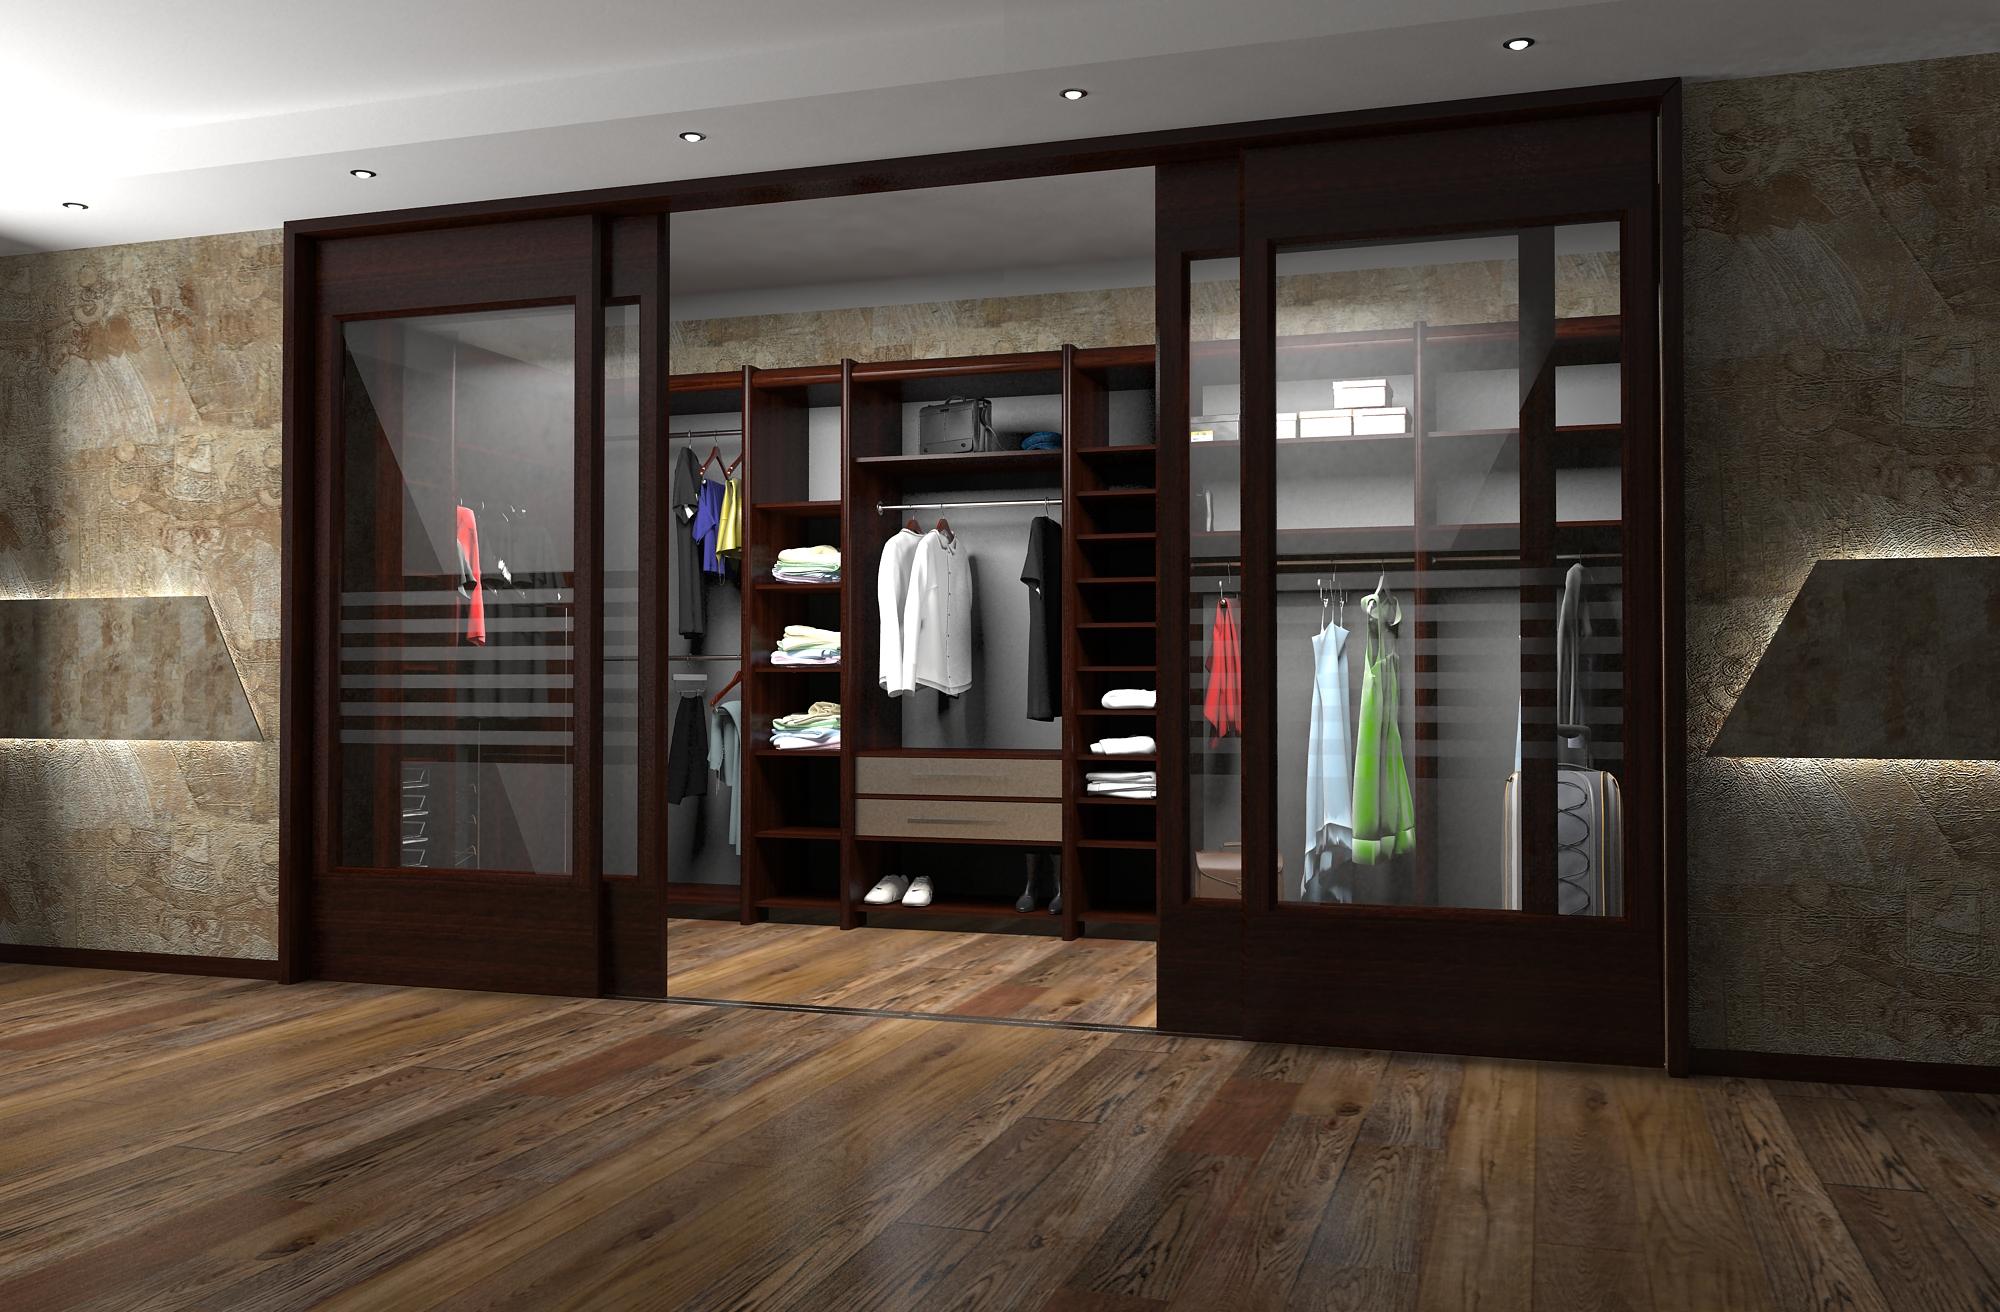 Раздвижная дверная конструкция для гардероба